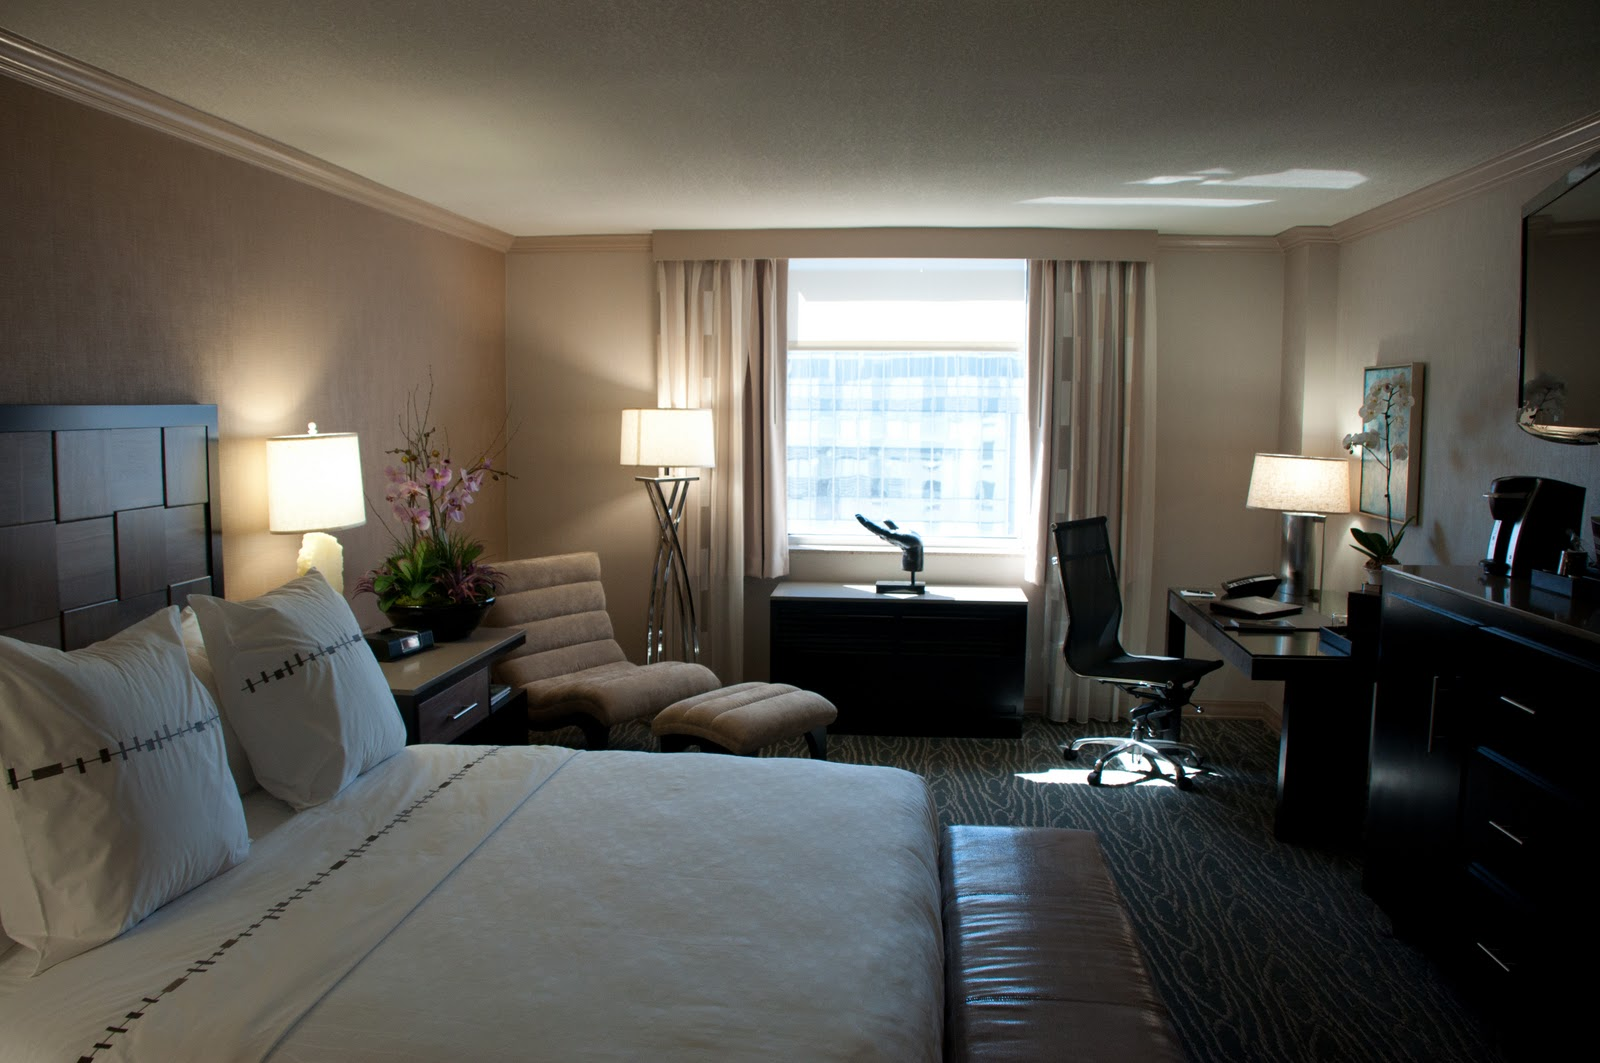 http://2.bp.blogspot.com/_4eEaBAQZOnc/TSSPeEL1-0I/AAAAAAAAJKQ/-D_ODSz6VR4/s1600/31397221-H1-Luxe-7931_Room_View.jpg